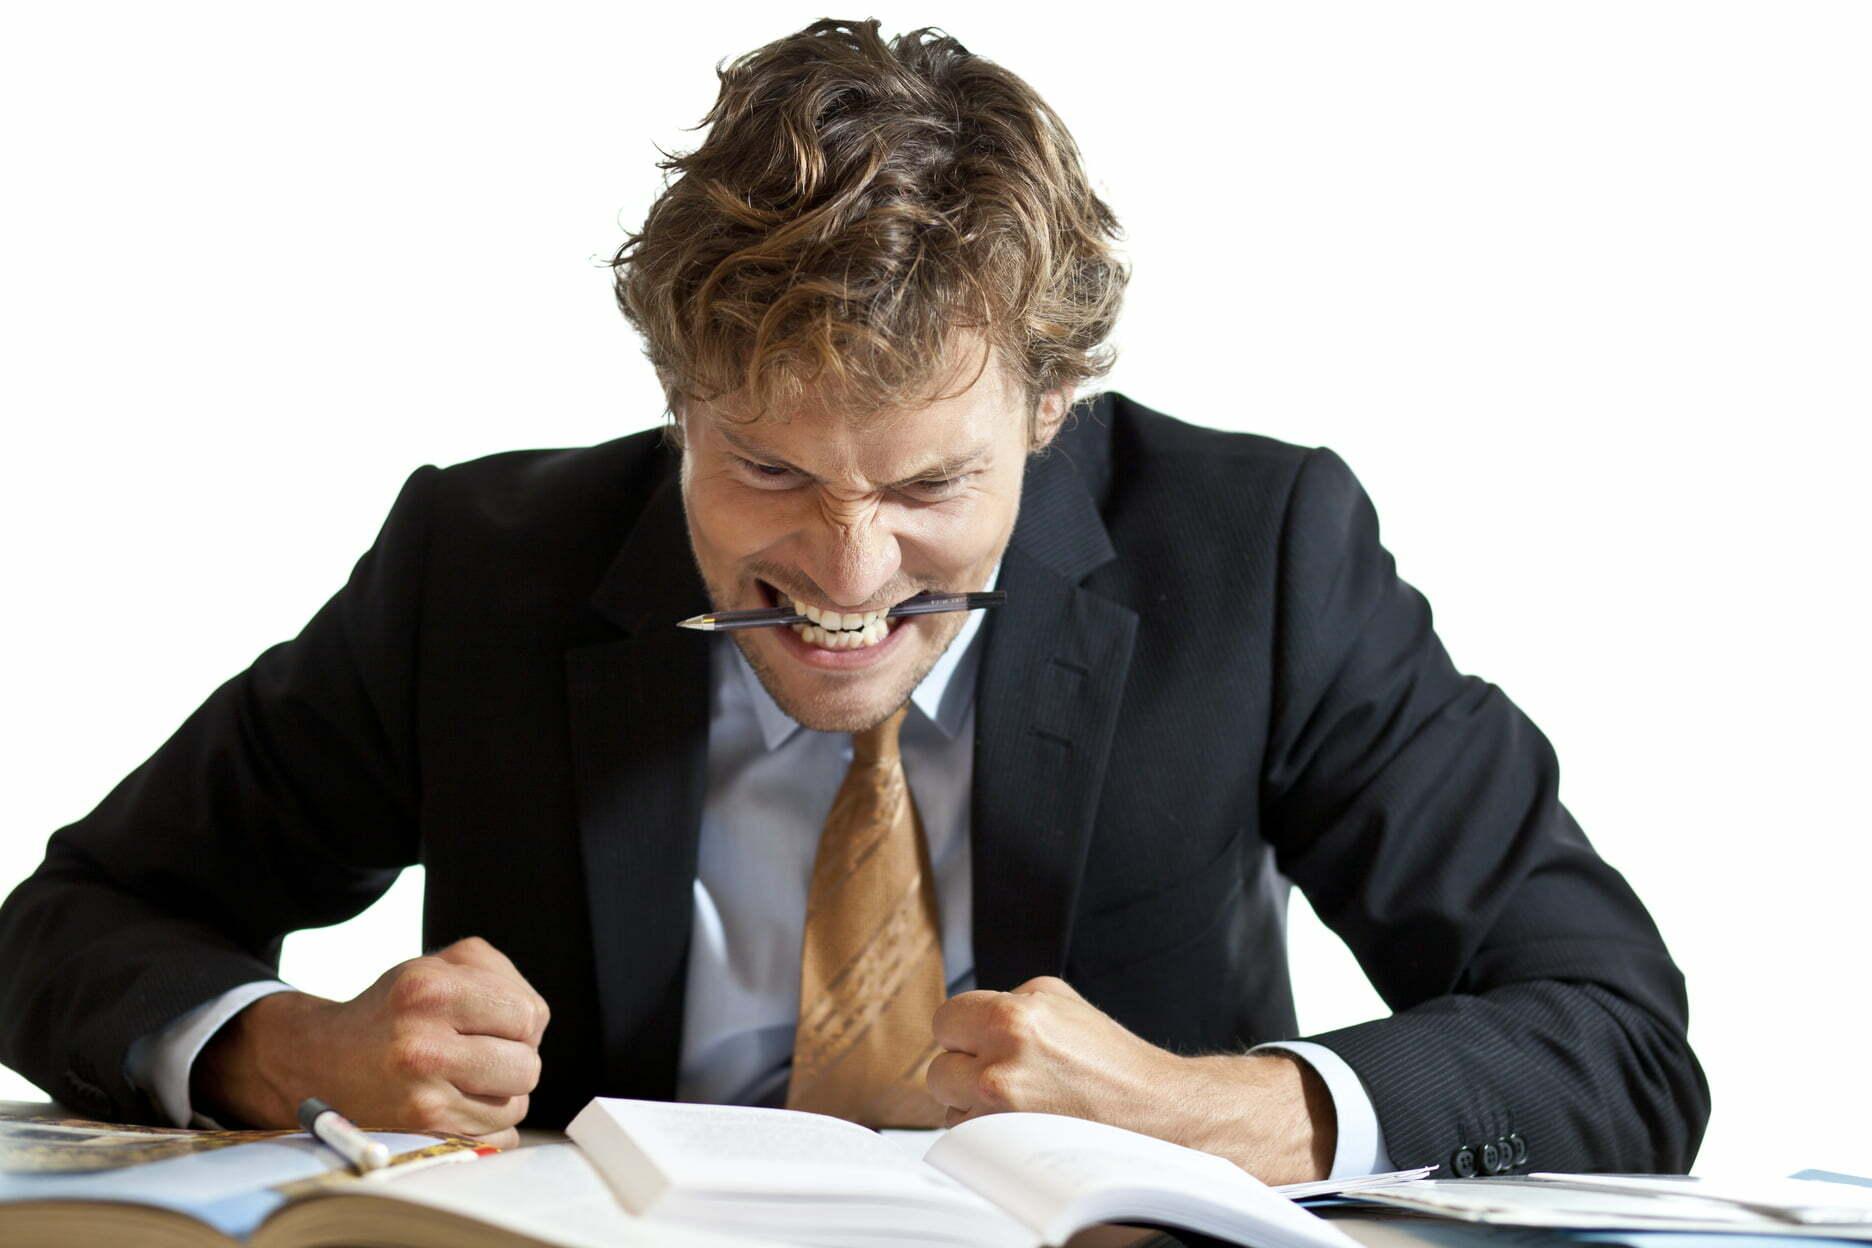 Fix Your Desk Job Posture